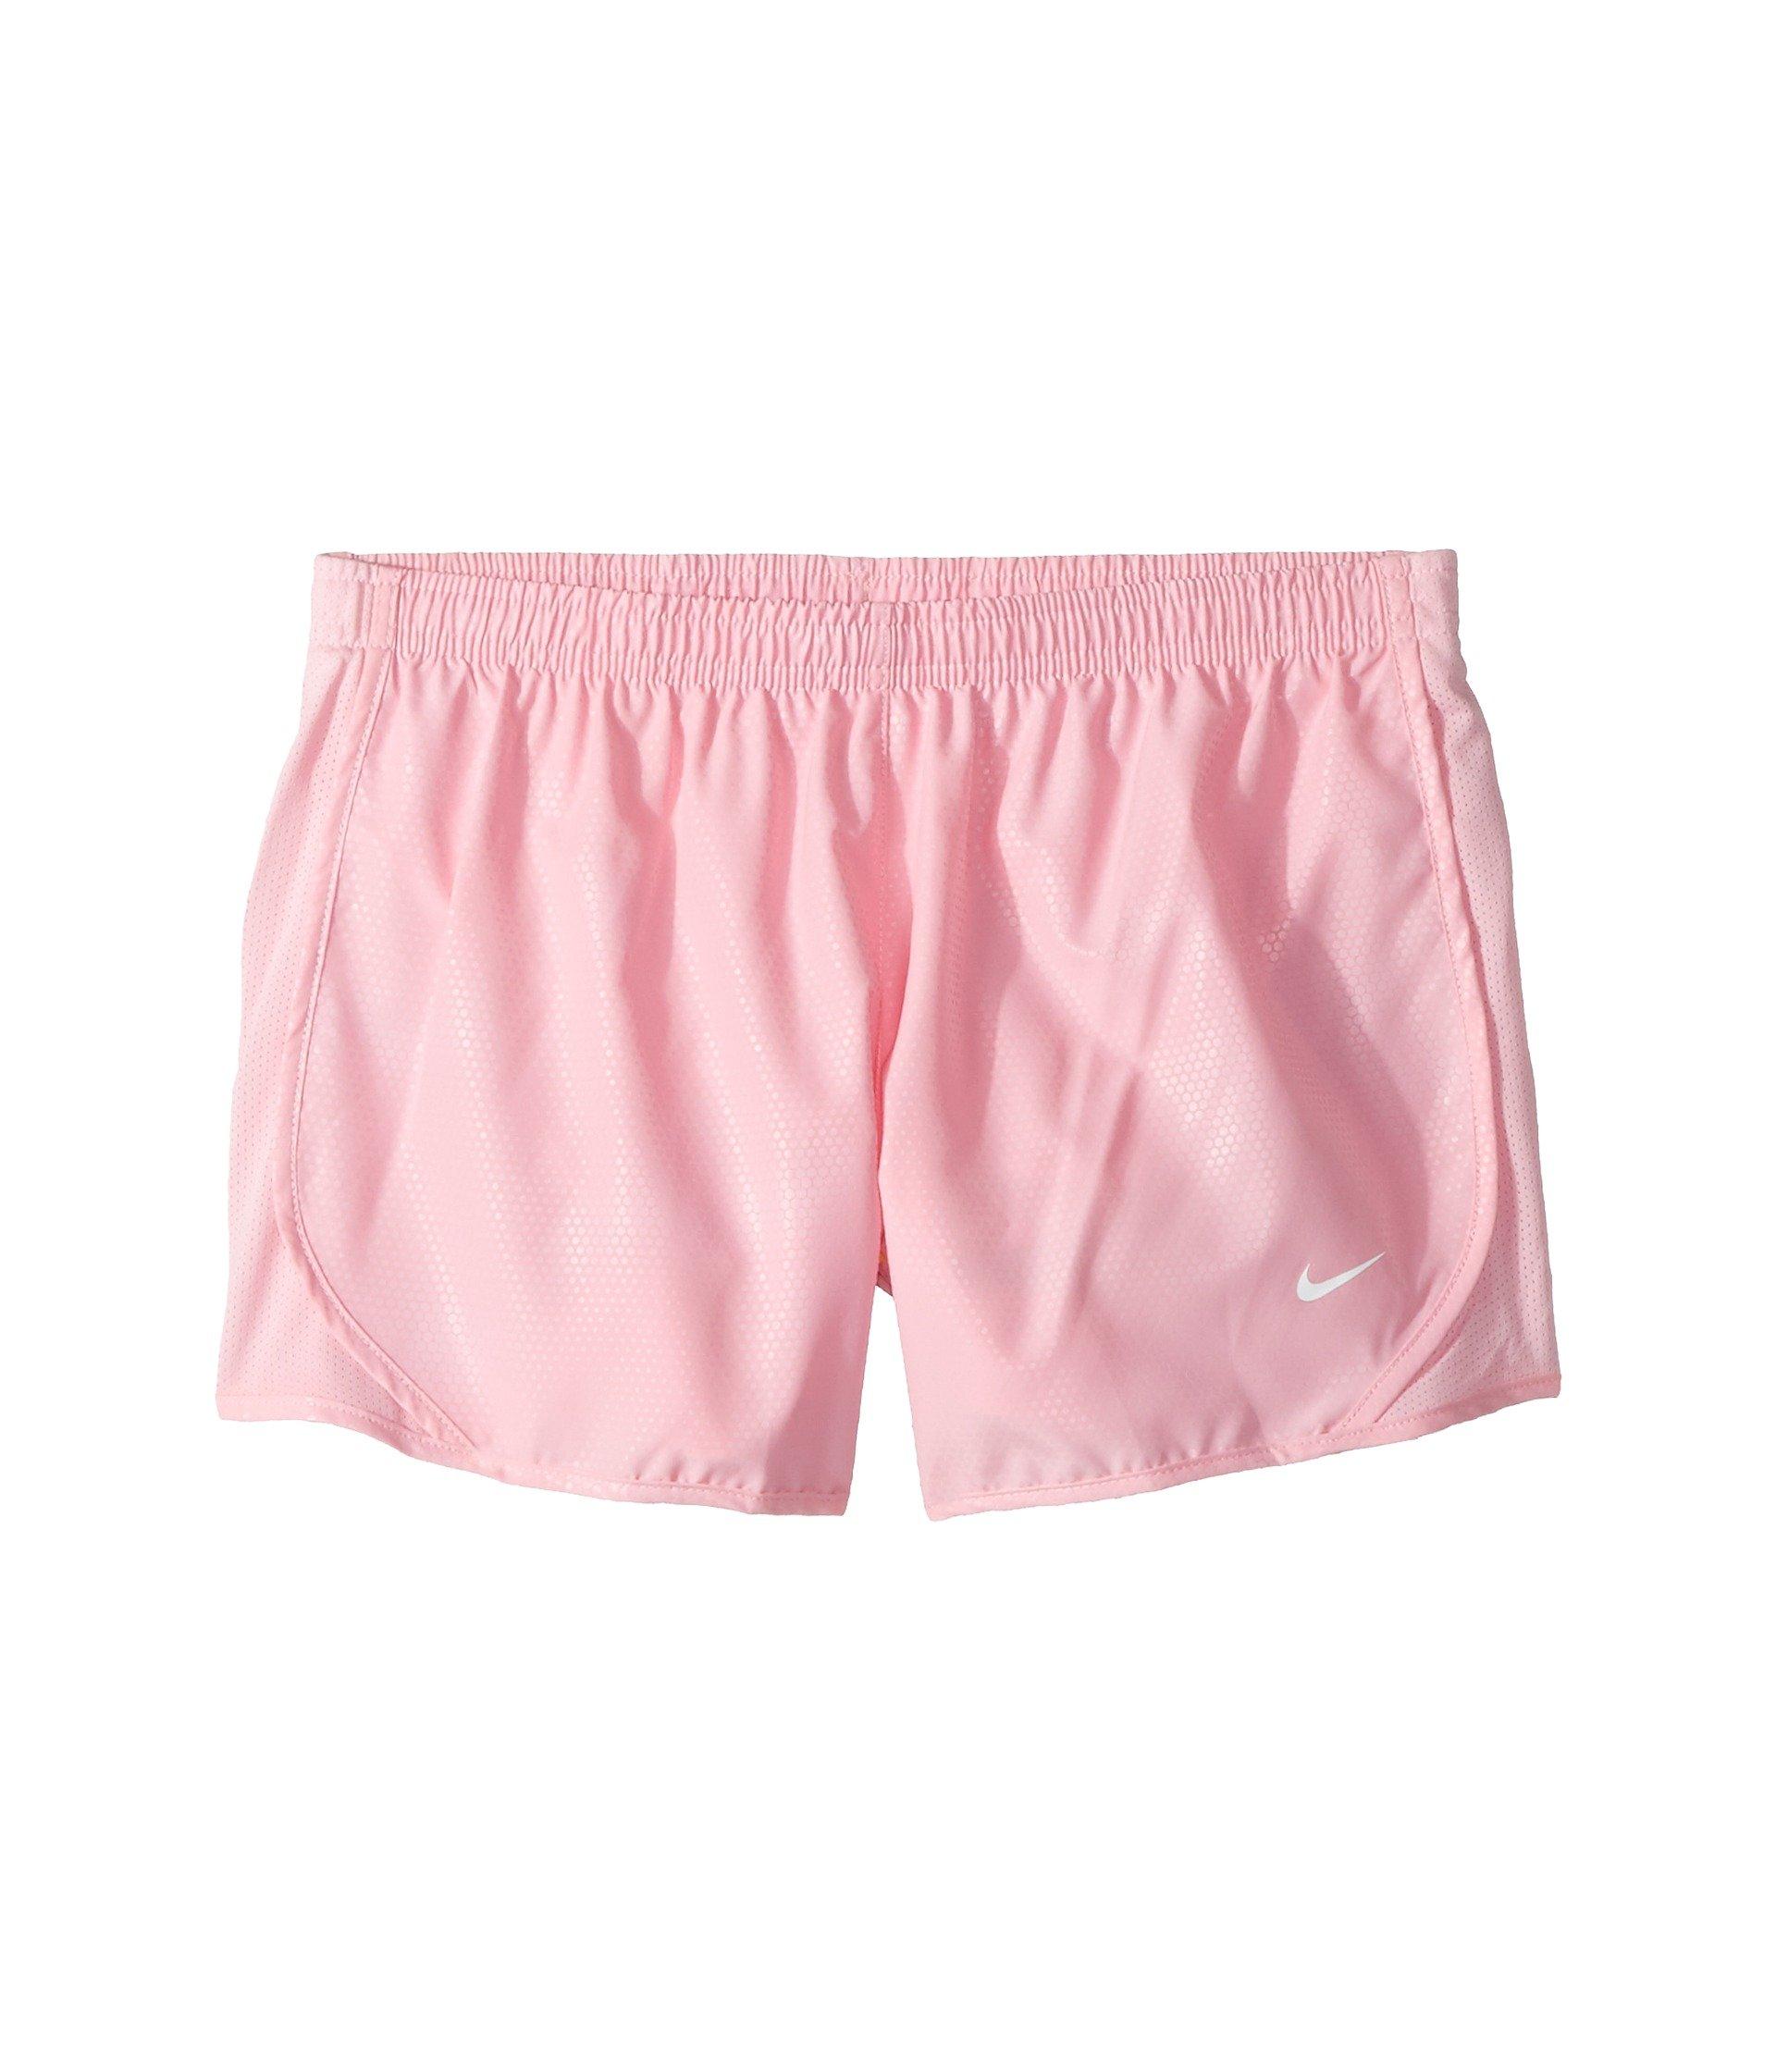 NIKE Tempo Older Kids' (Girls') Running Shorts (Pink/White, L) by Nike